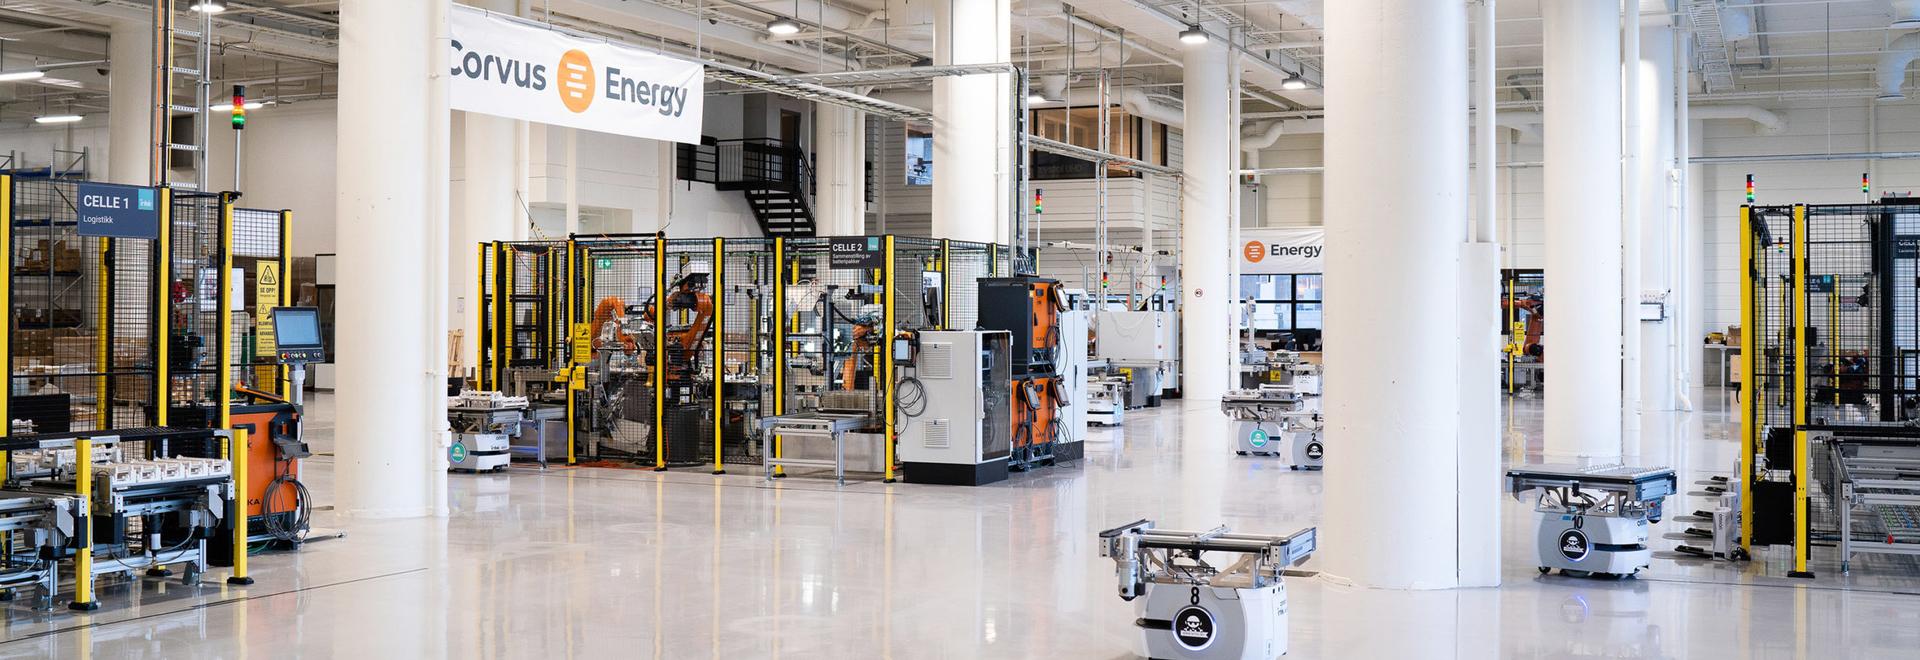 Corvus Energy inizierà lo sviluppo di sistemi di celle a combustibile marittime con la tecnologia delle celle a combustibile a idrogeno fornita da Toyota